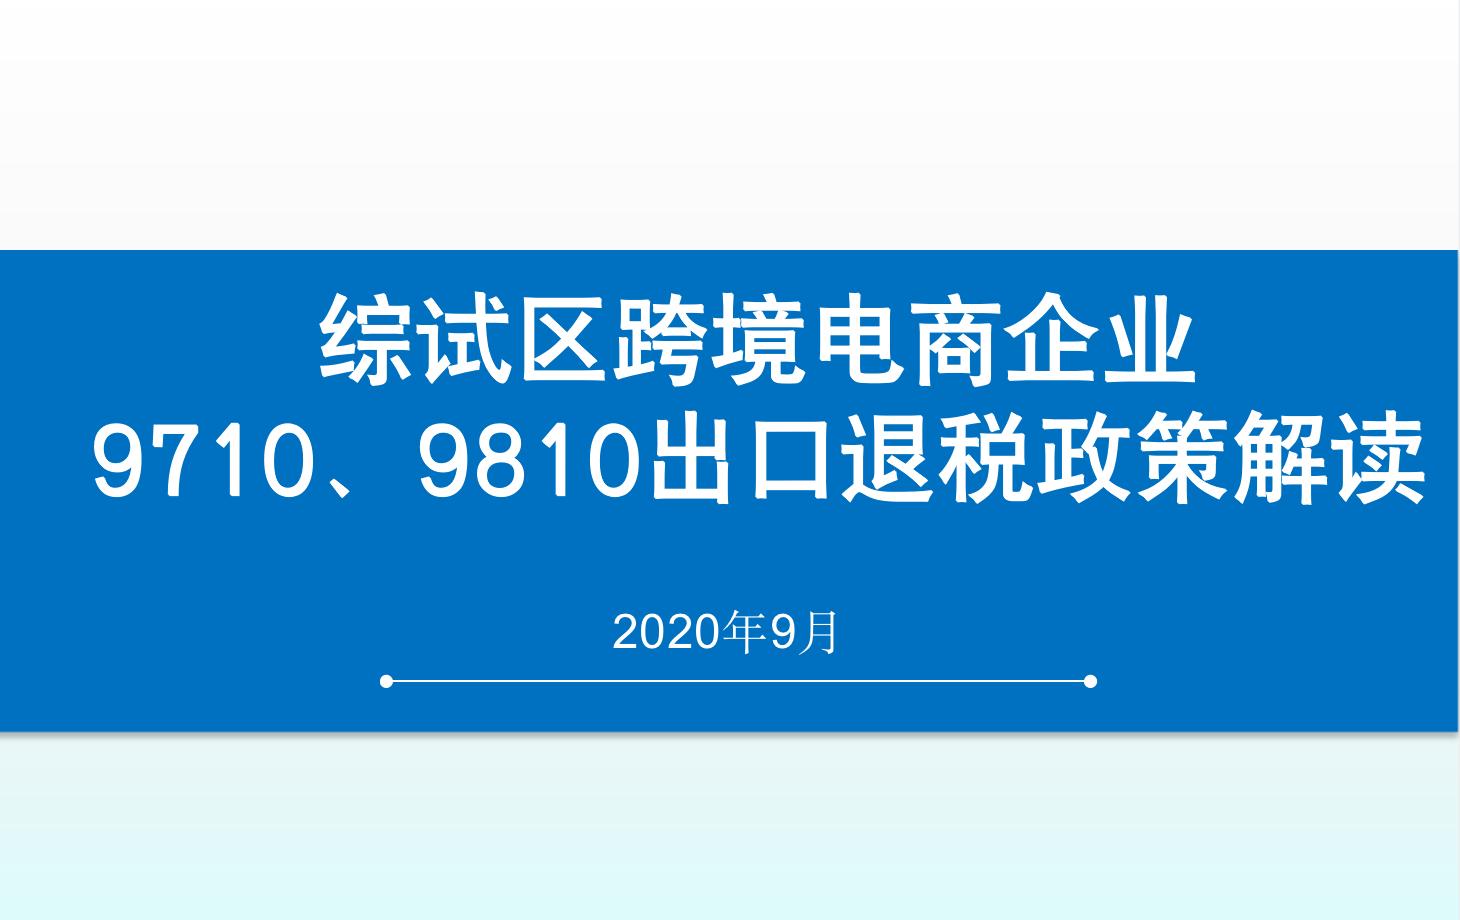 新型跨境监管方式9710、9810如何操作?杭州相关